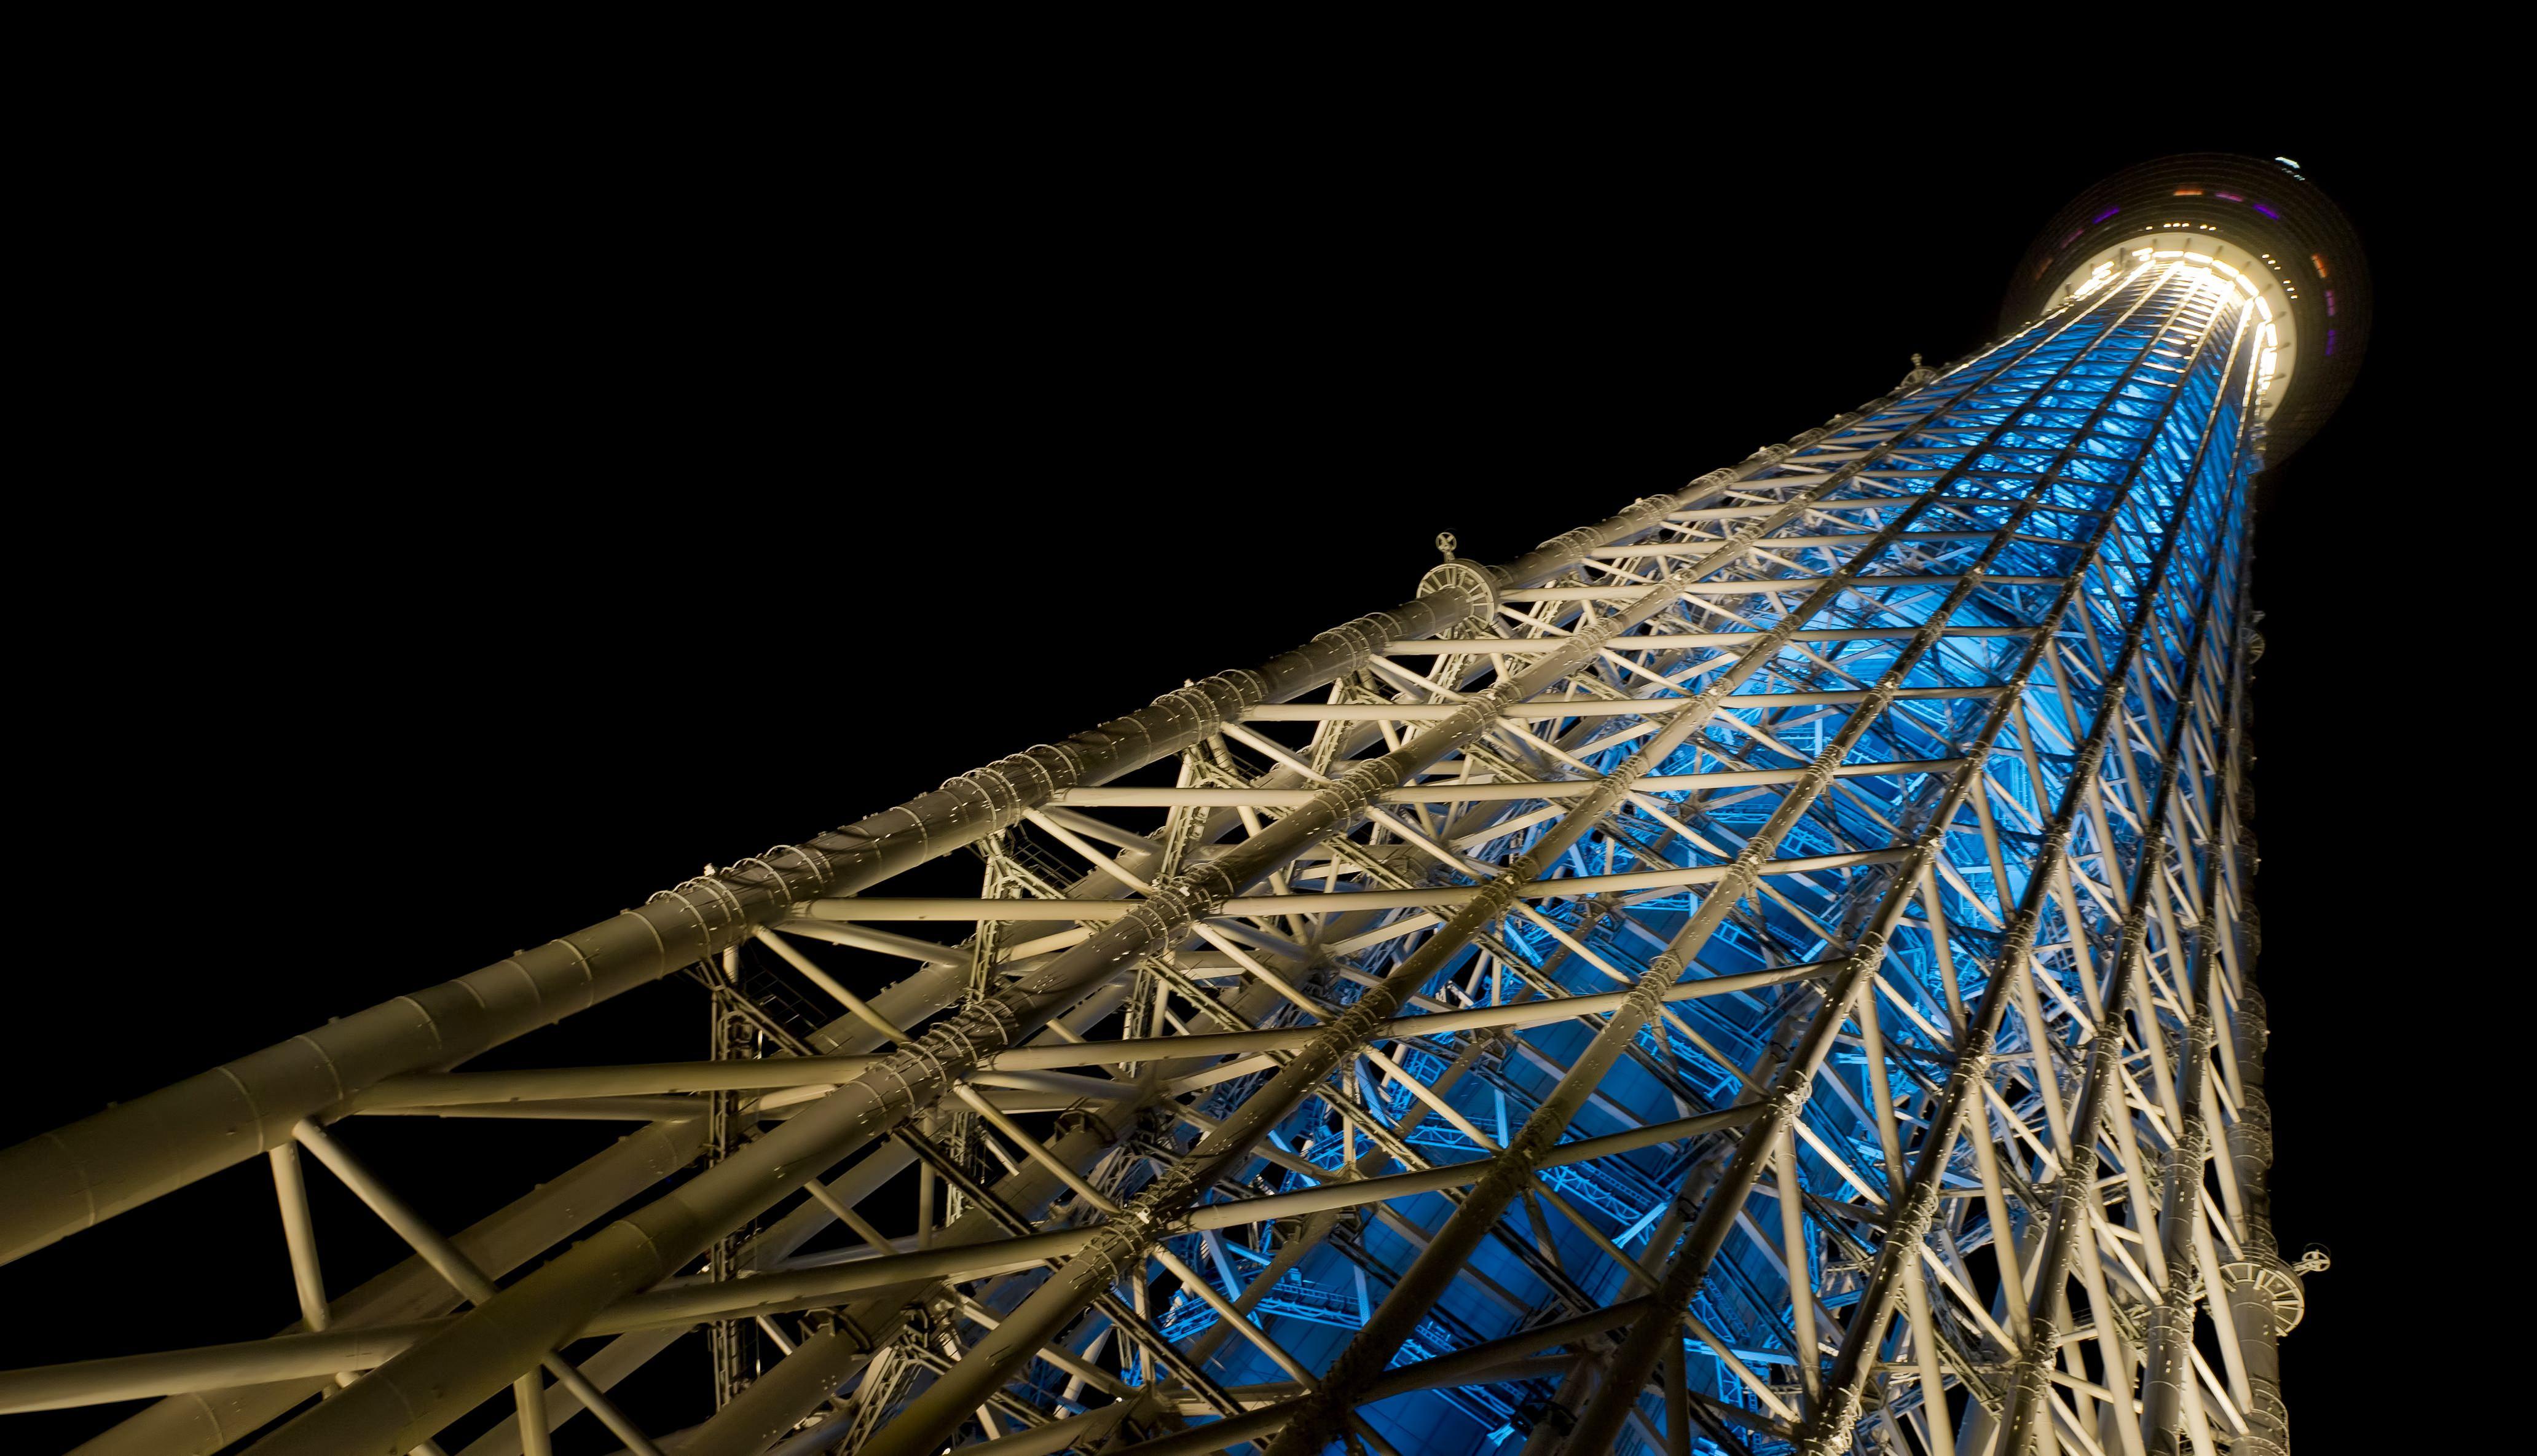 下から見上げるスカイツリー(夜景)の写真素材